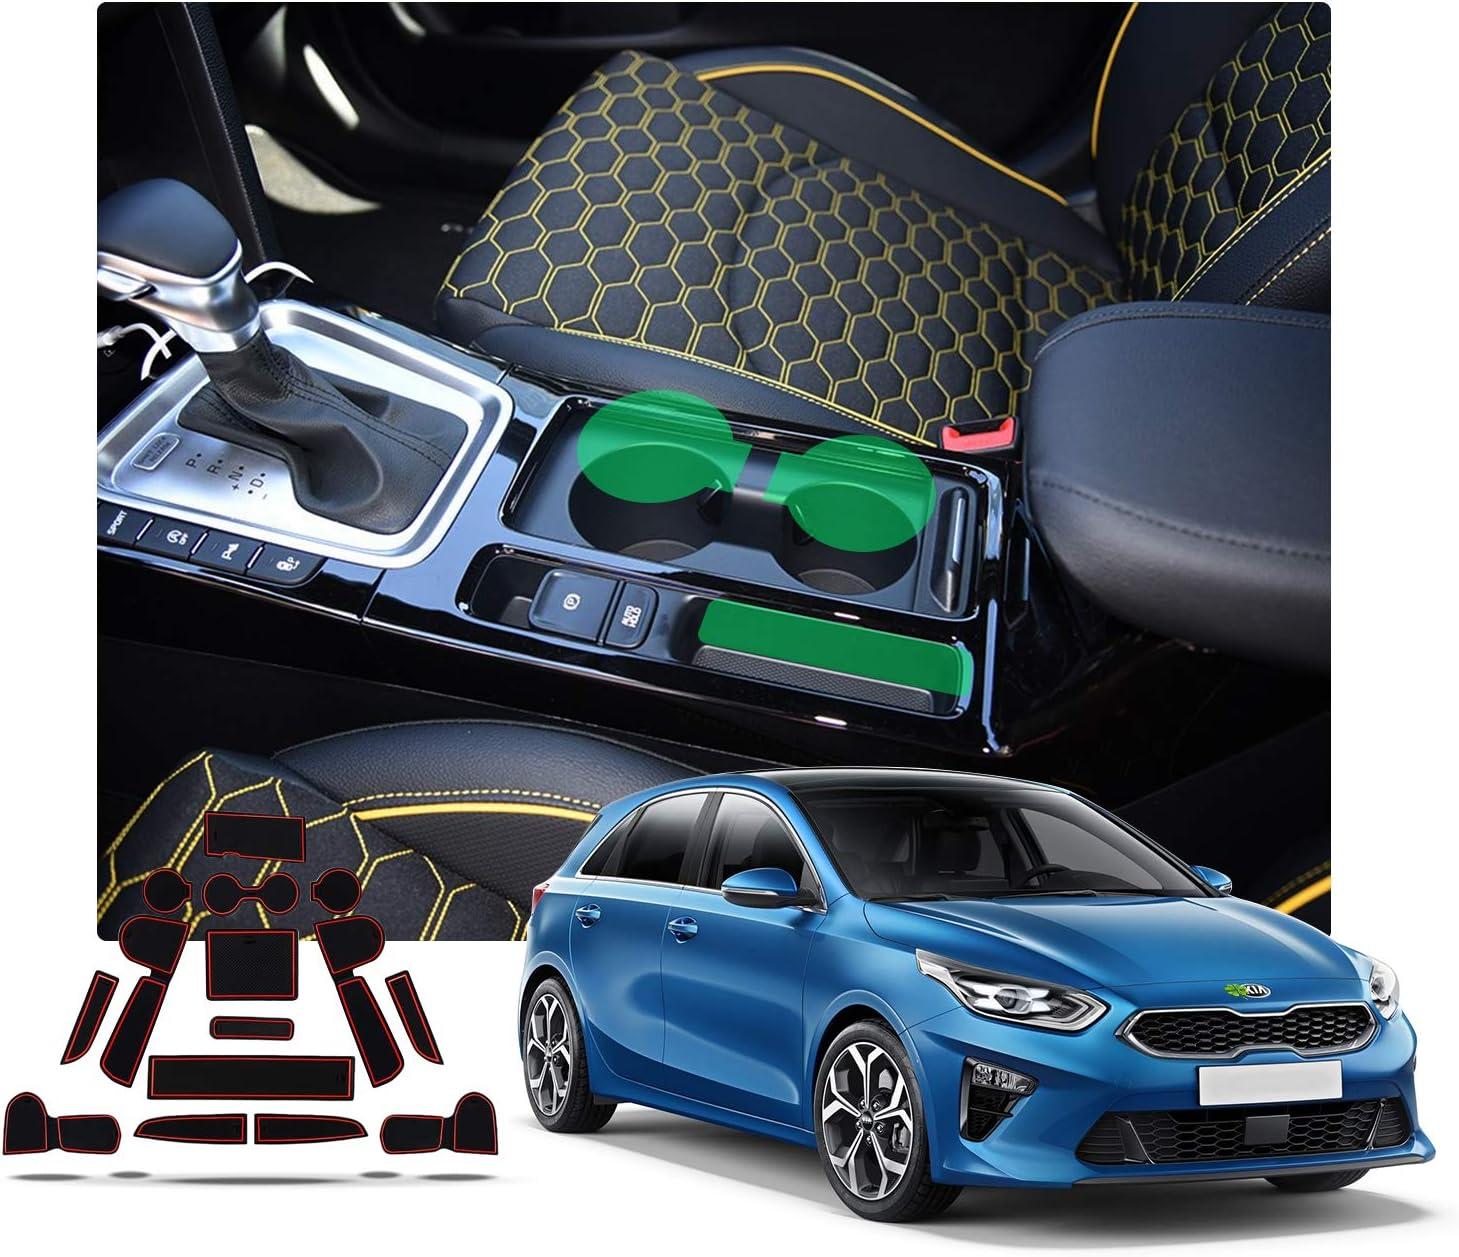 Tappetino In Gomma Tappetino Vasca KIA CEED III CEE /'D CD posteriore acciaio per superiore B anno 2018 GKK